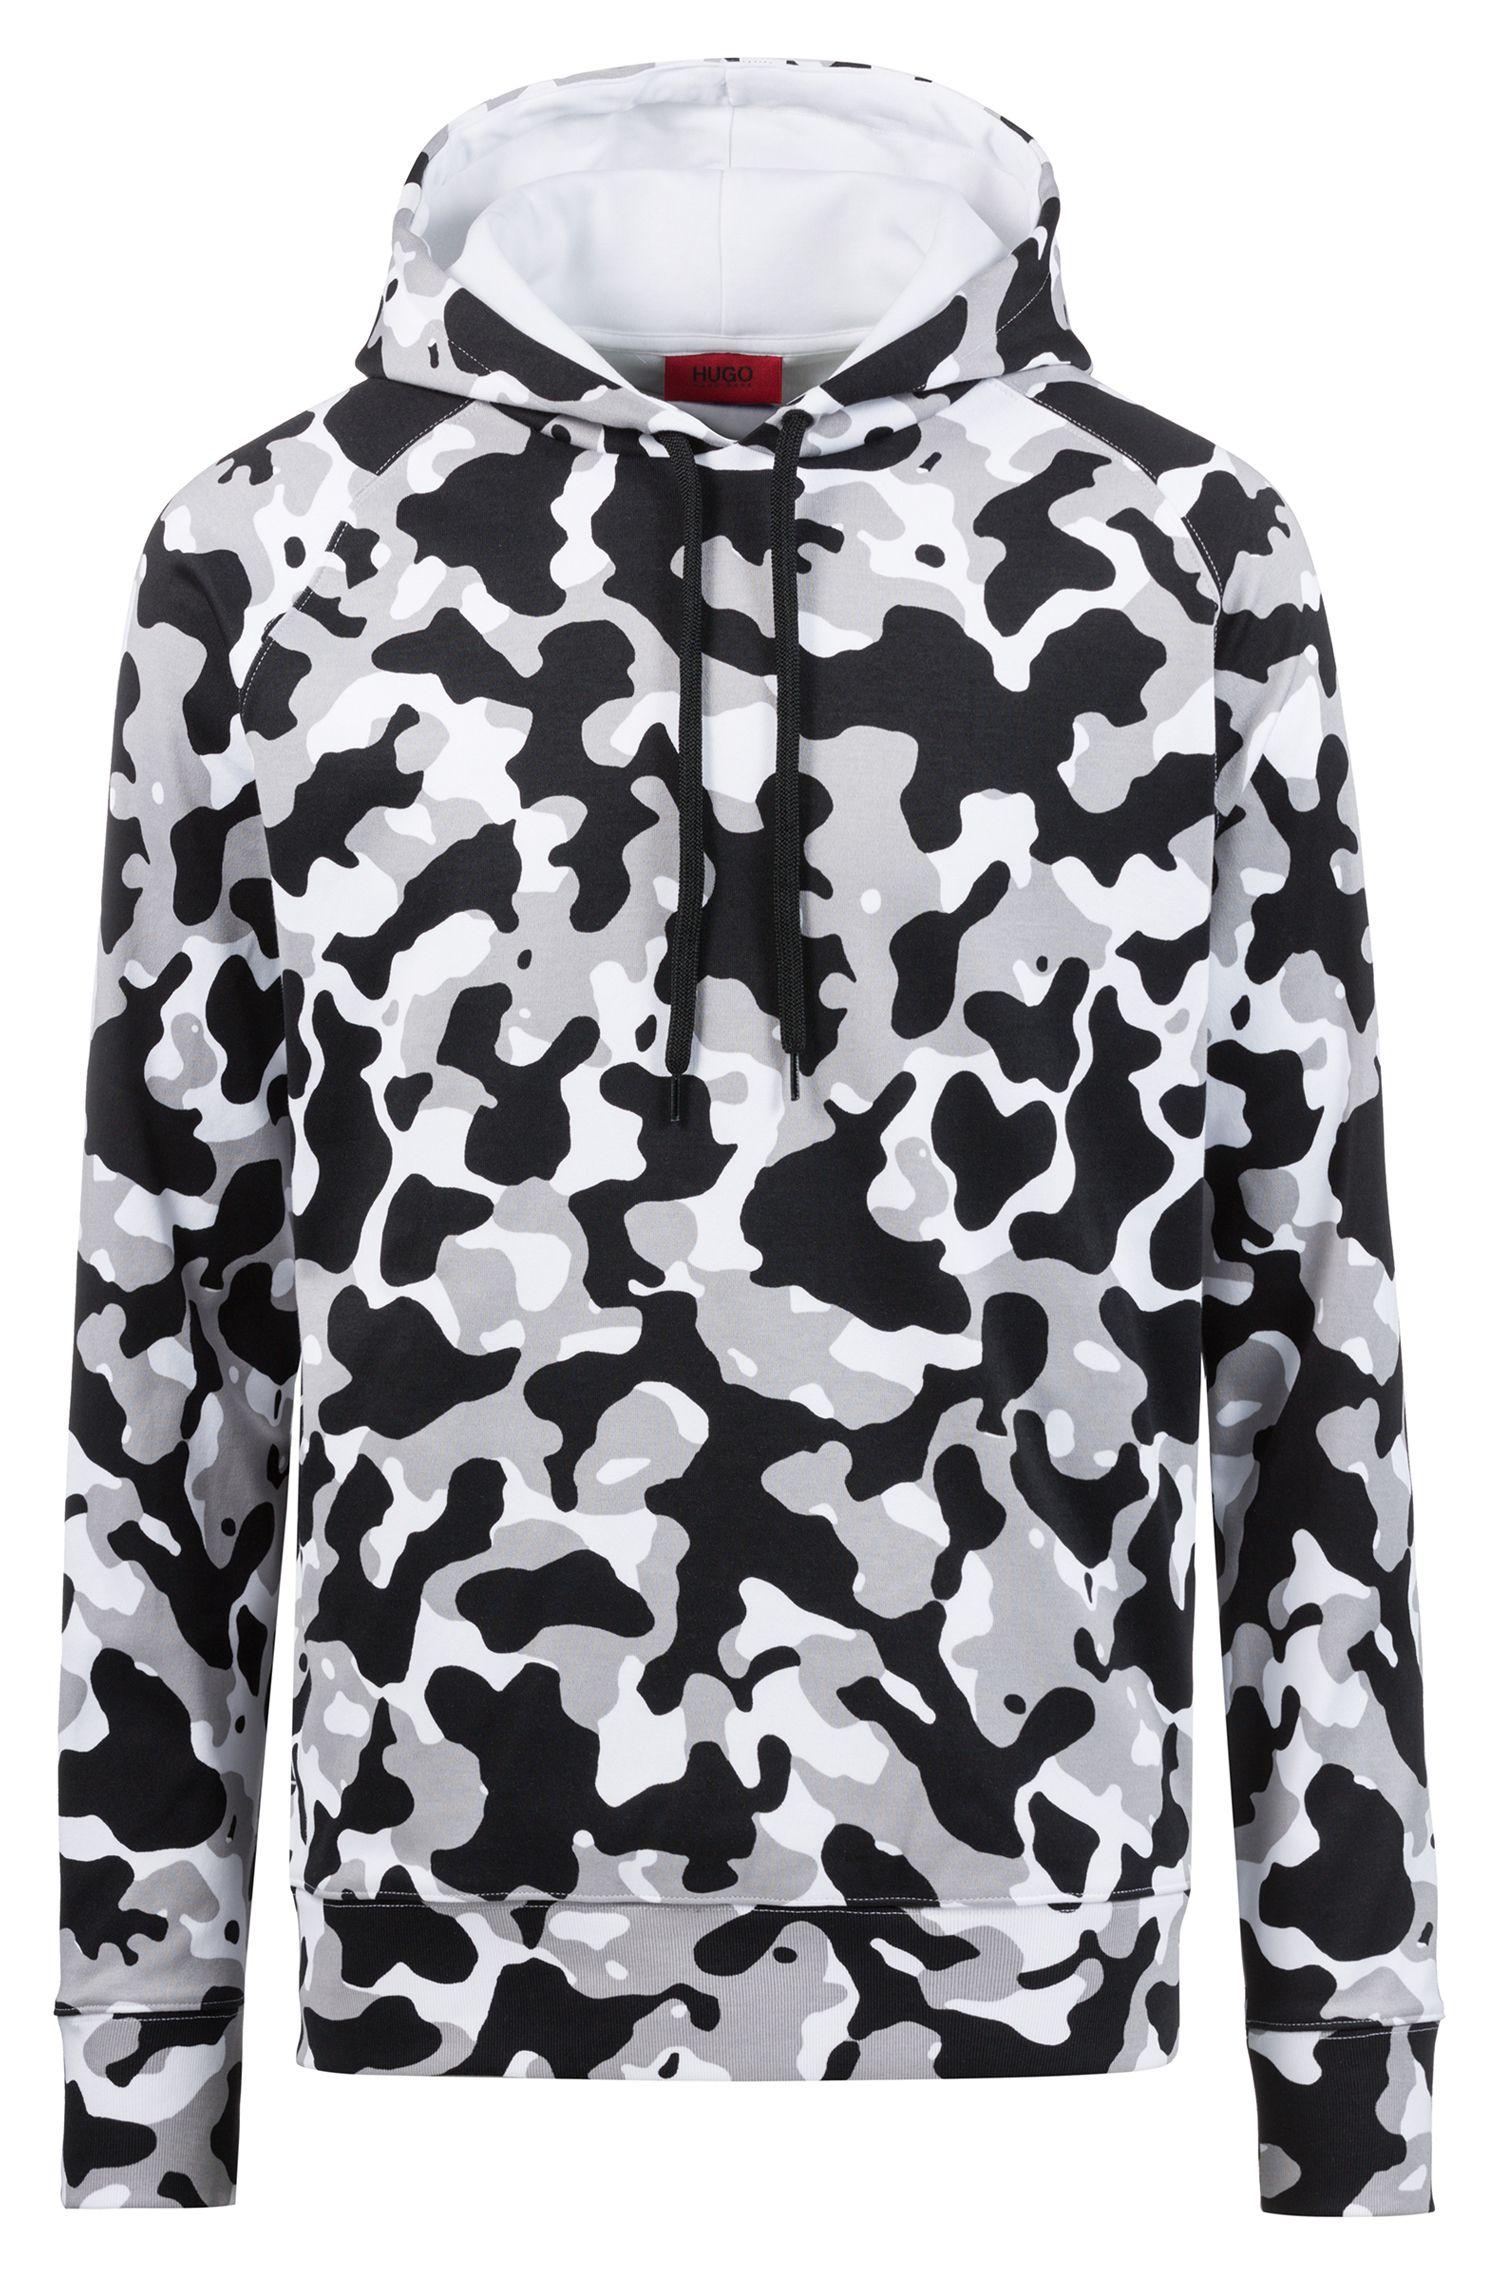 Oversized Kapuzen-Sweatshirt aus Baumwolle mit Camouflage-Print, Gemustert